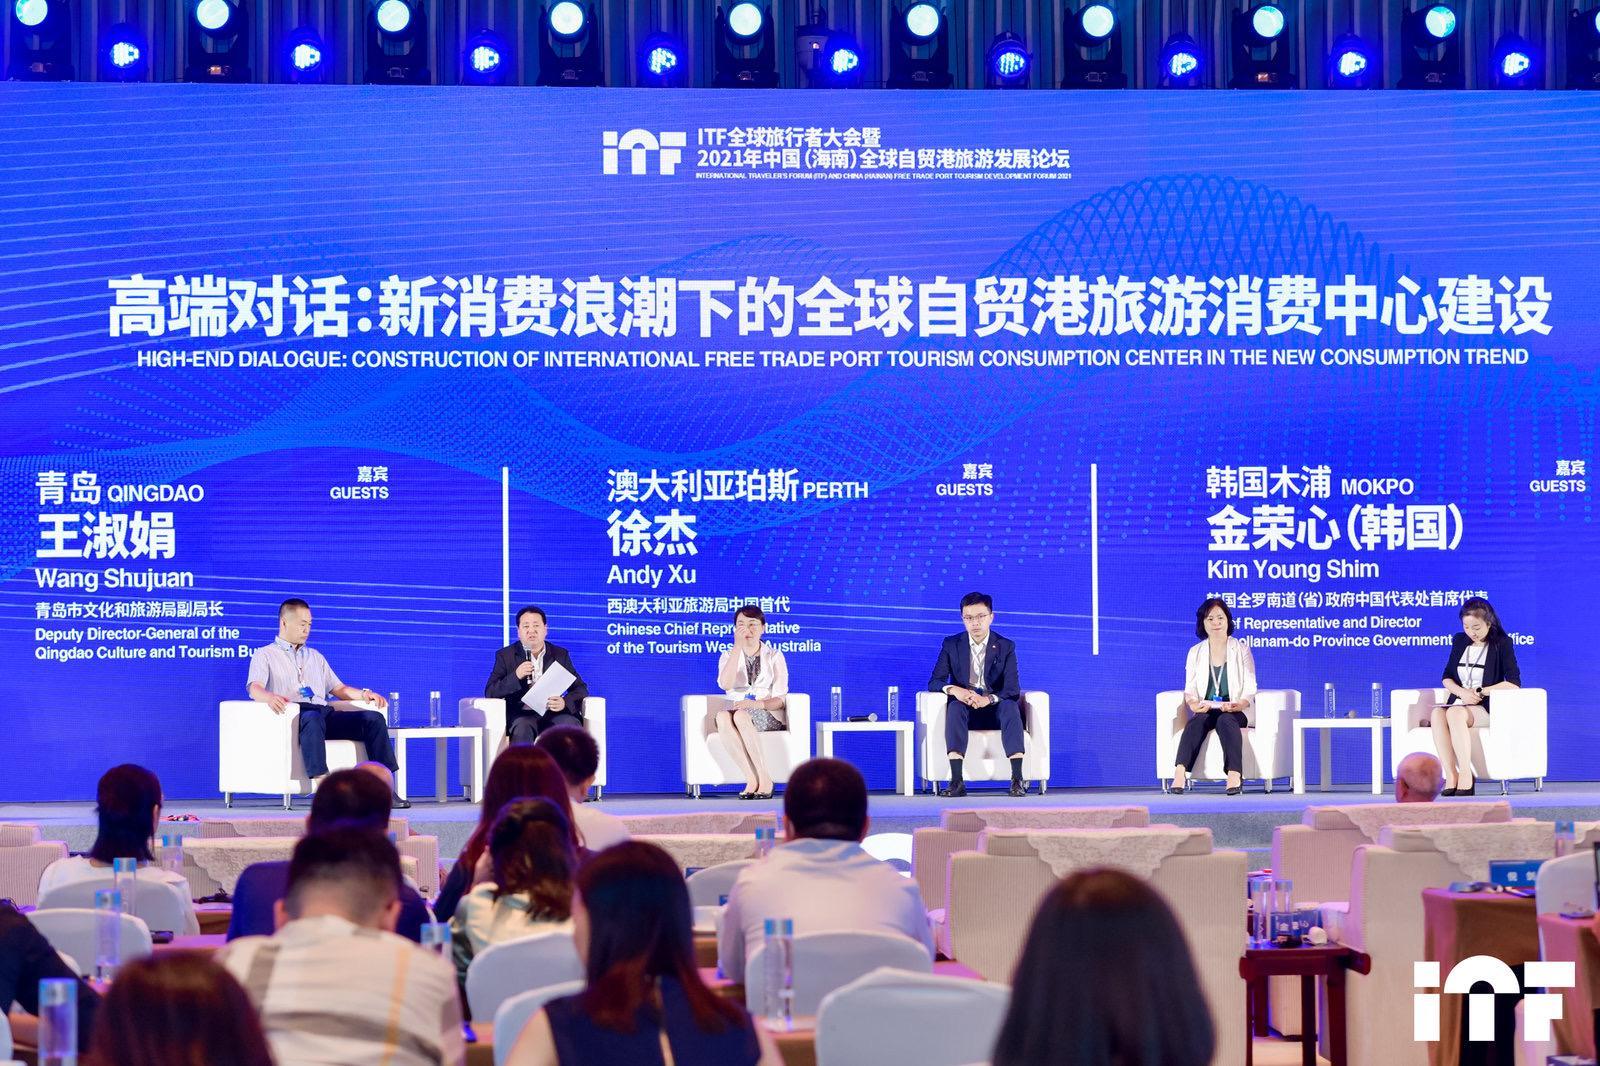 2021年中国(海南)全球自贸港旅游发展论坛顺利举办 赋能海南自由贸易港建设高质量发展